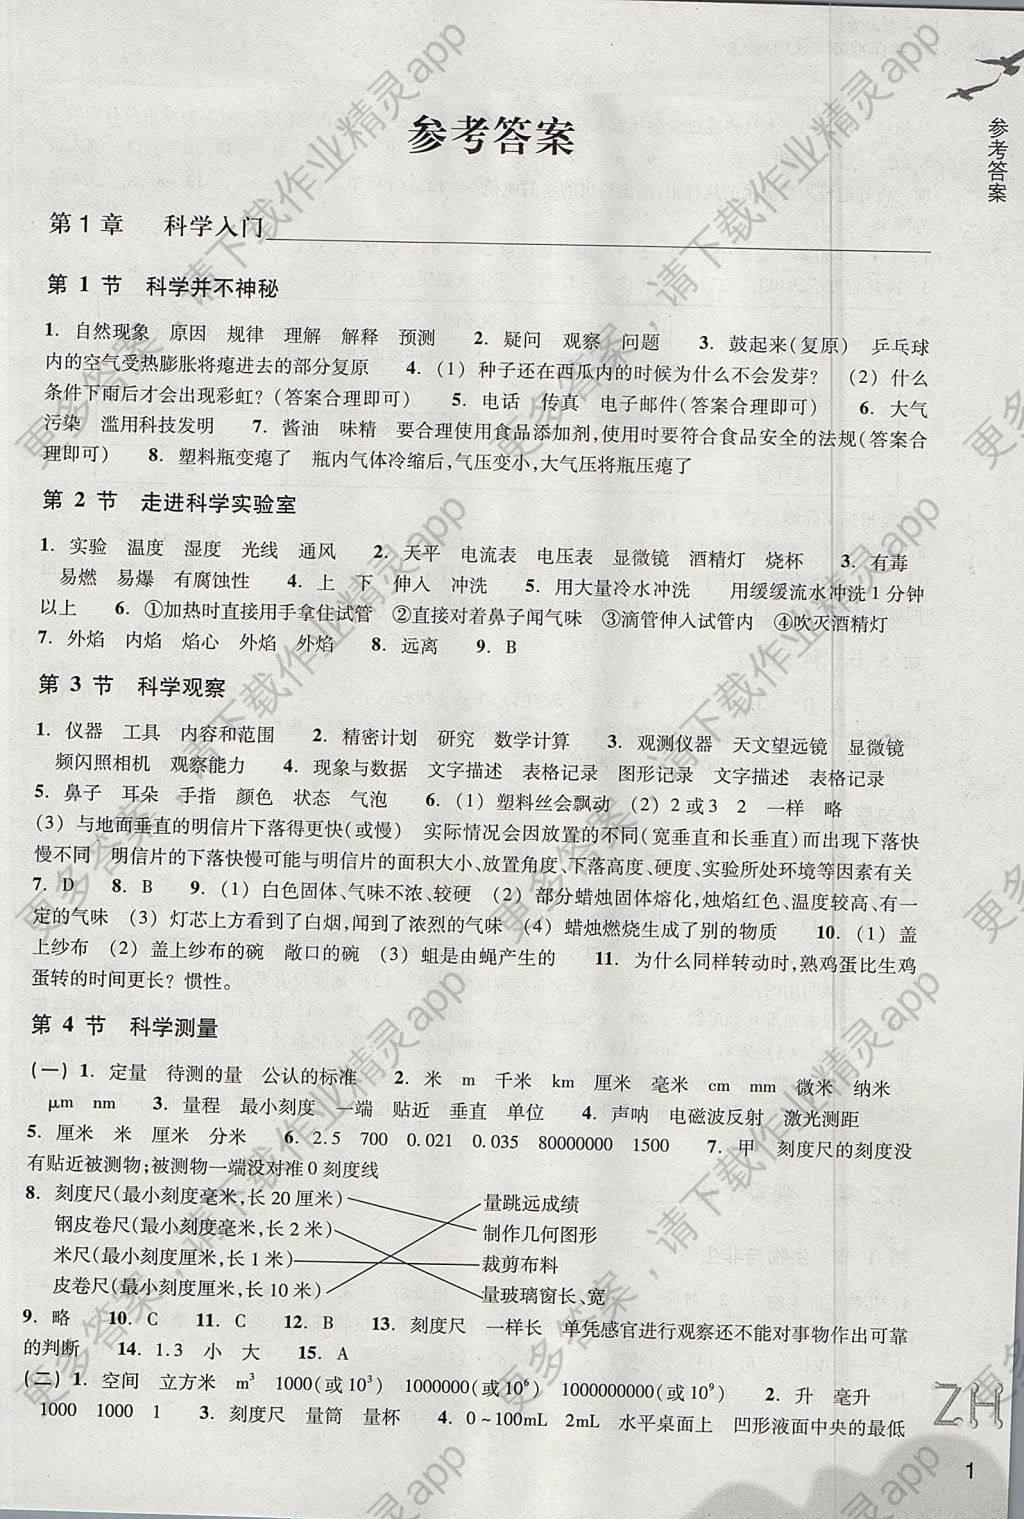 2017年作业本七年级科学上册浙教版 参考答案第1页